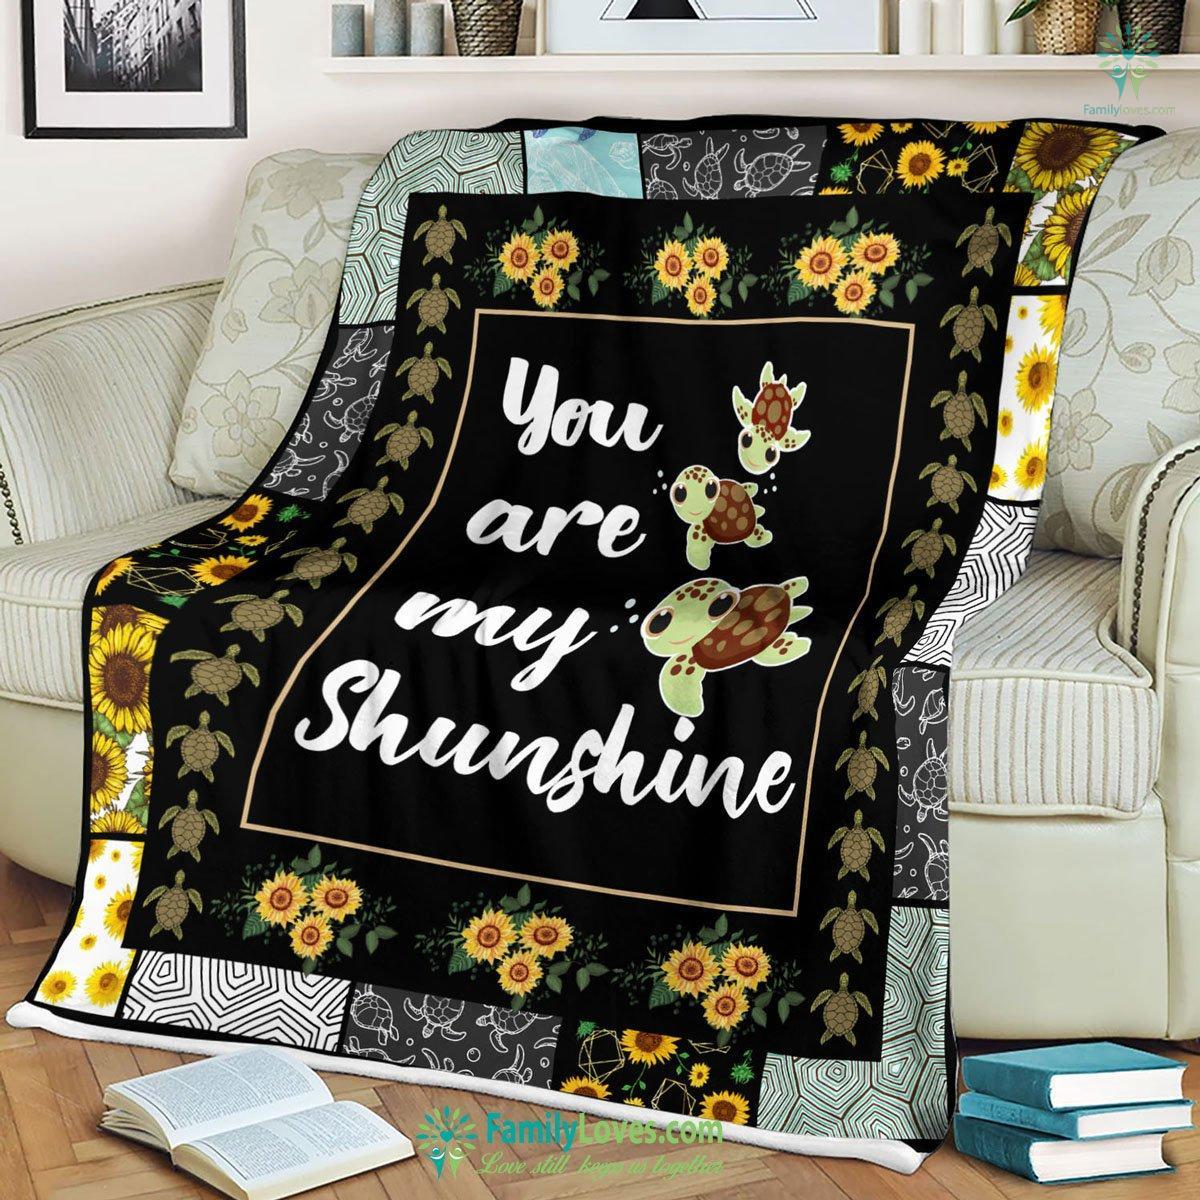 Turtle Blanket 21 Familyloves.com